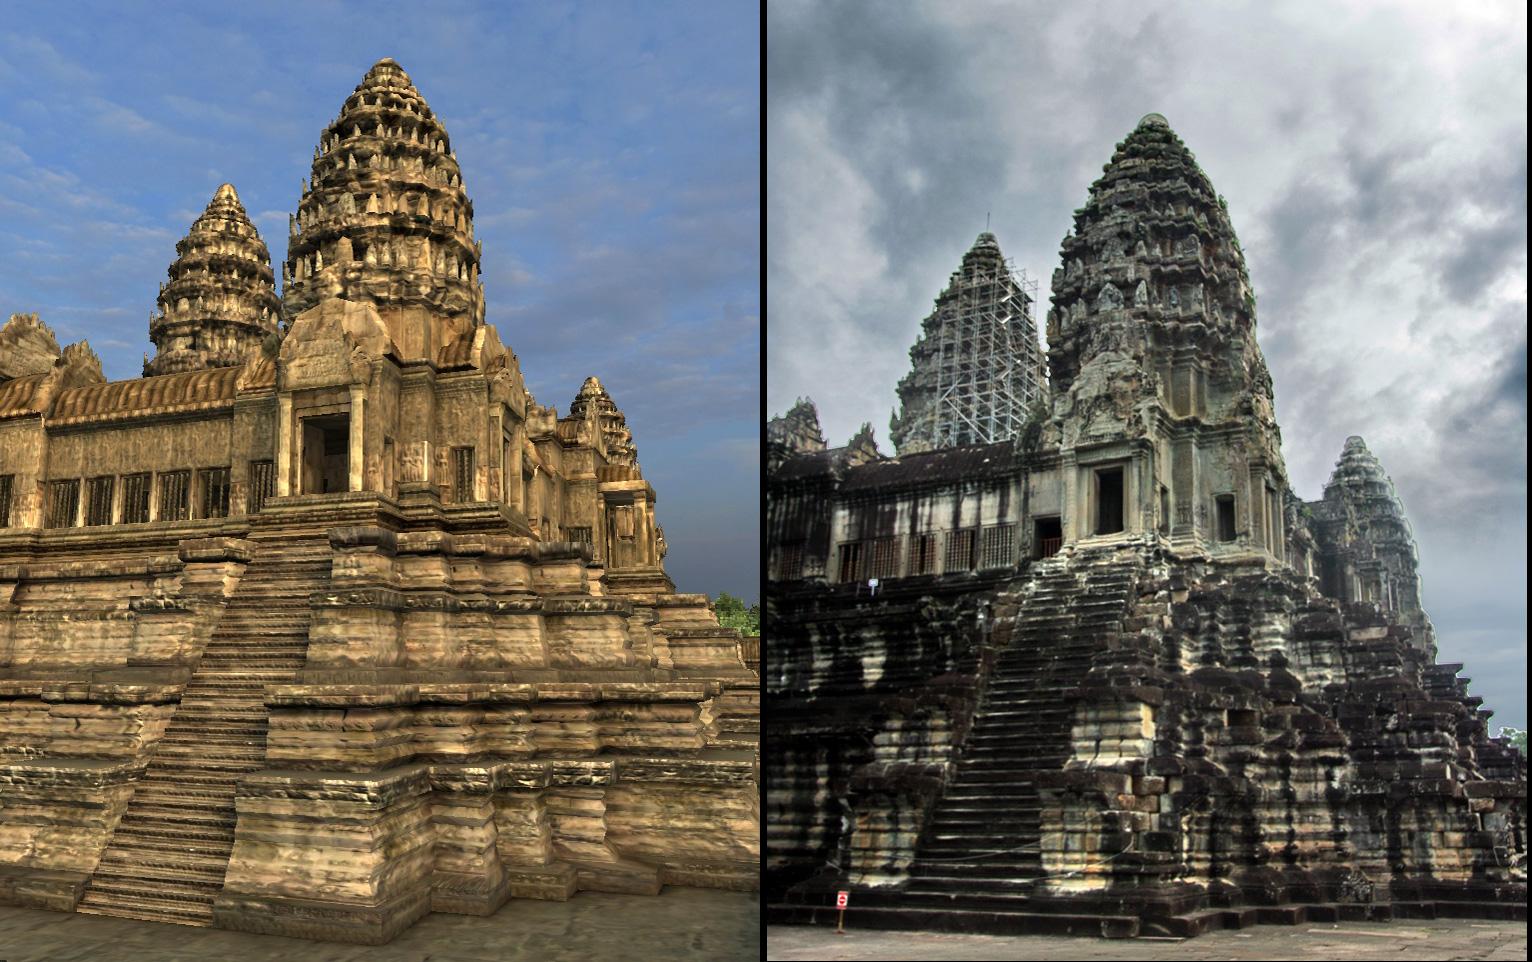 Angkor Wat 3D